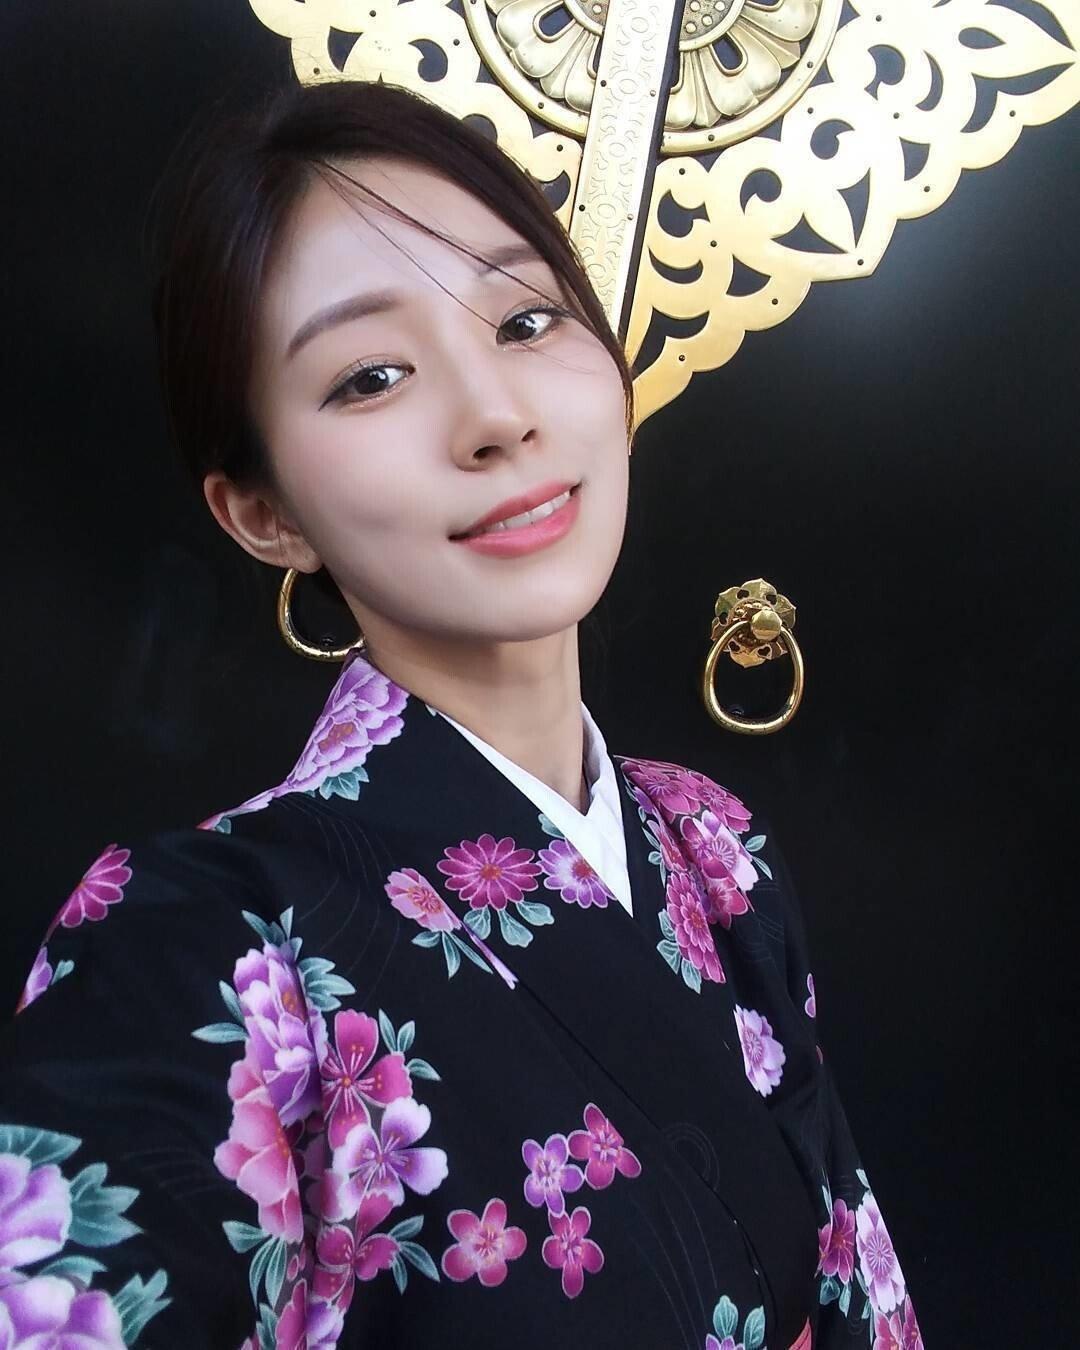 김보라7.jpg 모델 김보라